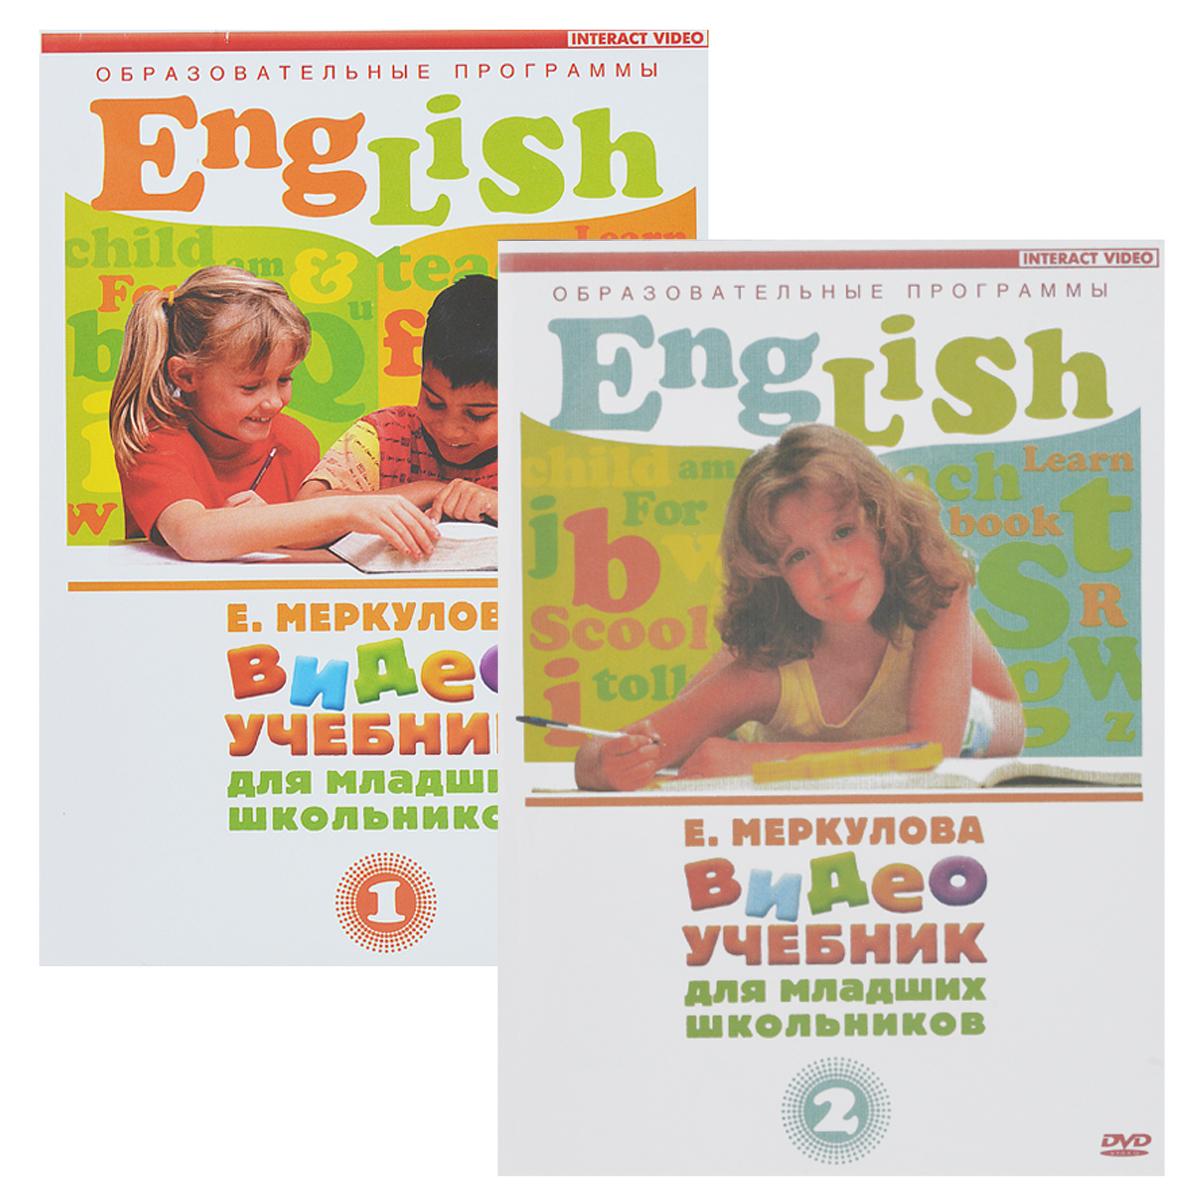 Видеоучебник: Английский язык для младших школьников. Часть 1-2 (2 DVD) блокада 2 dvd